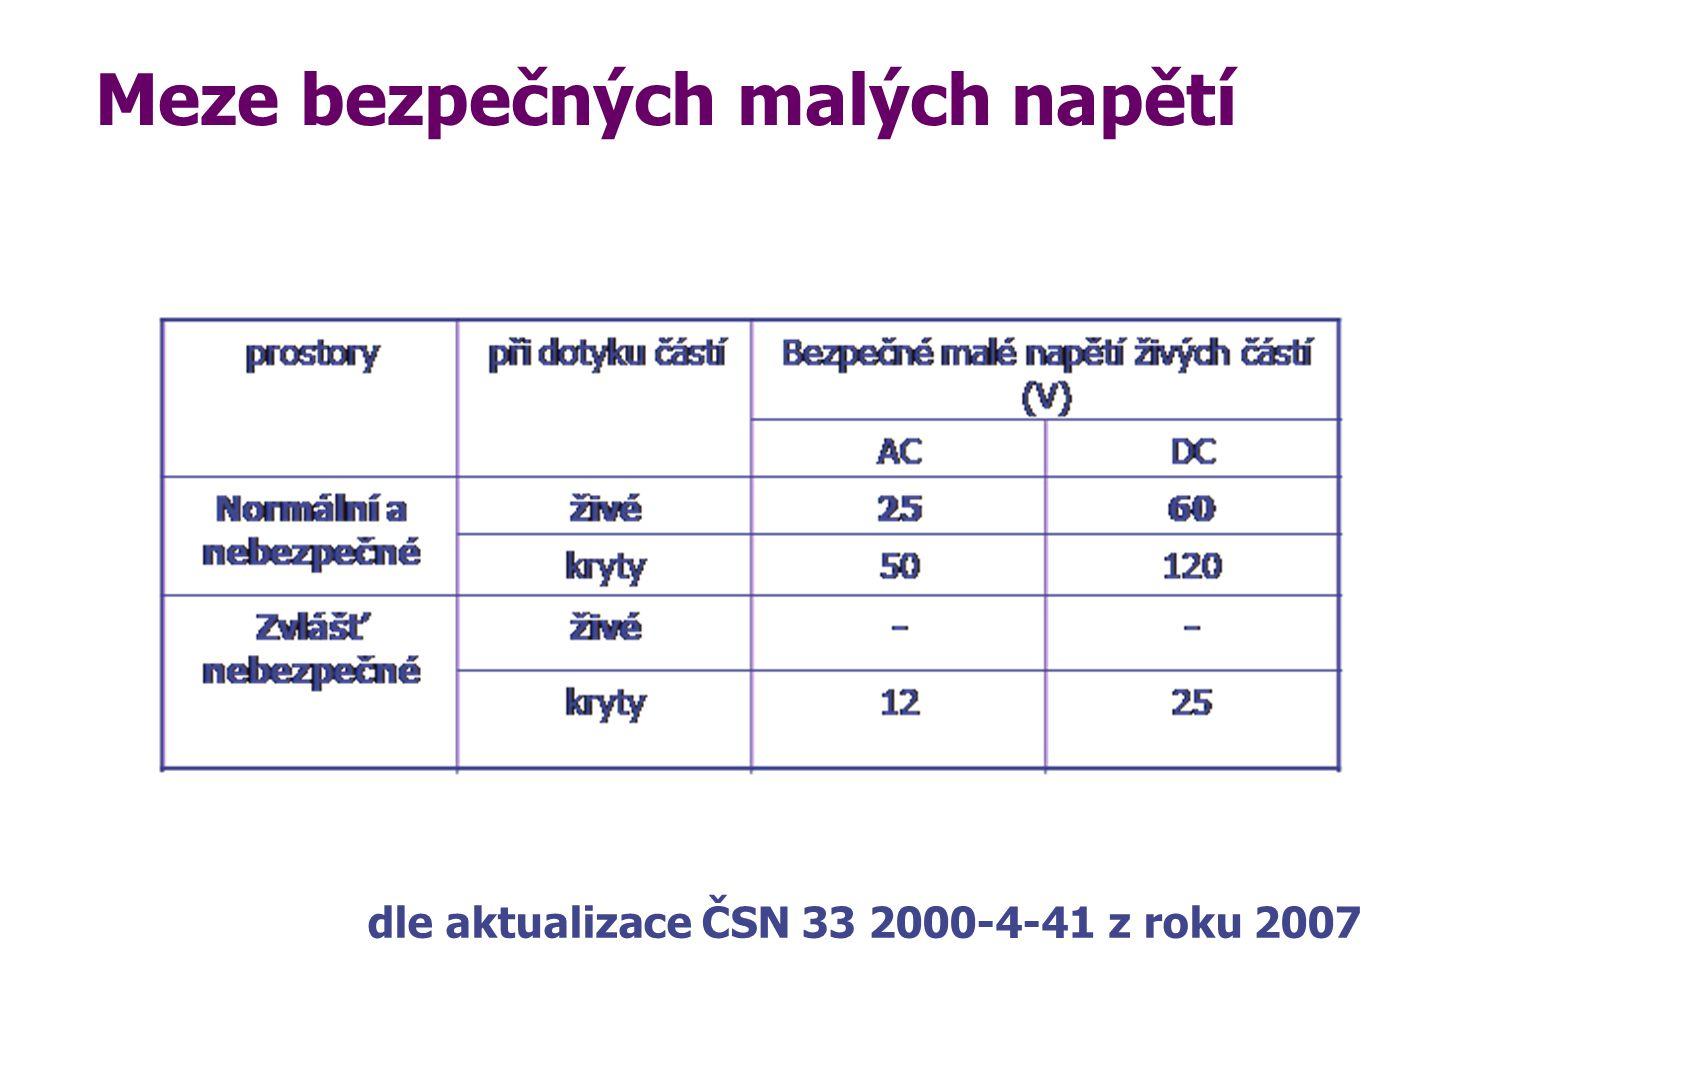 Meze bezpečných malých napětí dle aktualizace ČSN 33 2000-4-41 z roku 2007